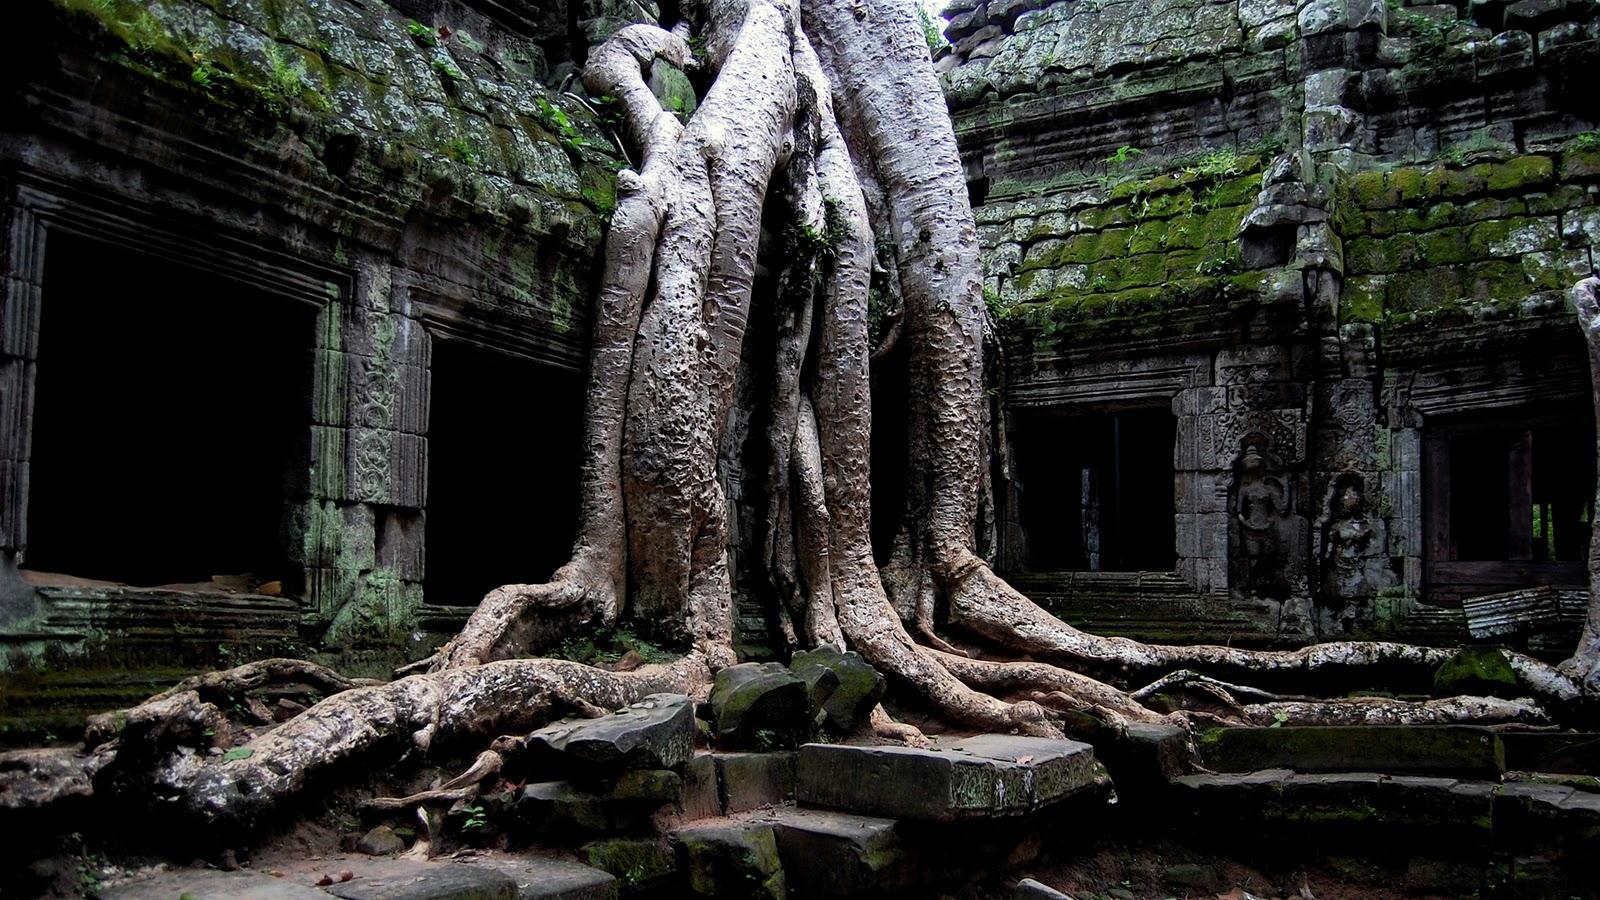 http://2.bp.blogspot.com/-zPkUWMWgI6s/TsvIC6sb73I/AAAAAAAAK-k/lEhxX1P-mKw/s1600/Nature+Wallpaper+HD+1080p+AAEA.jpg